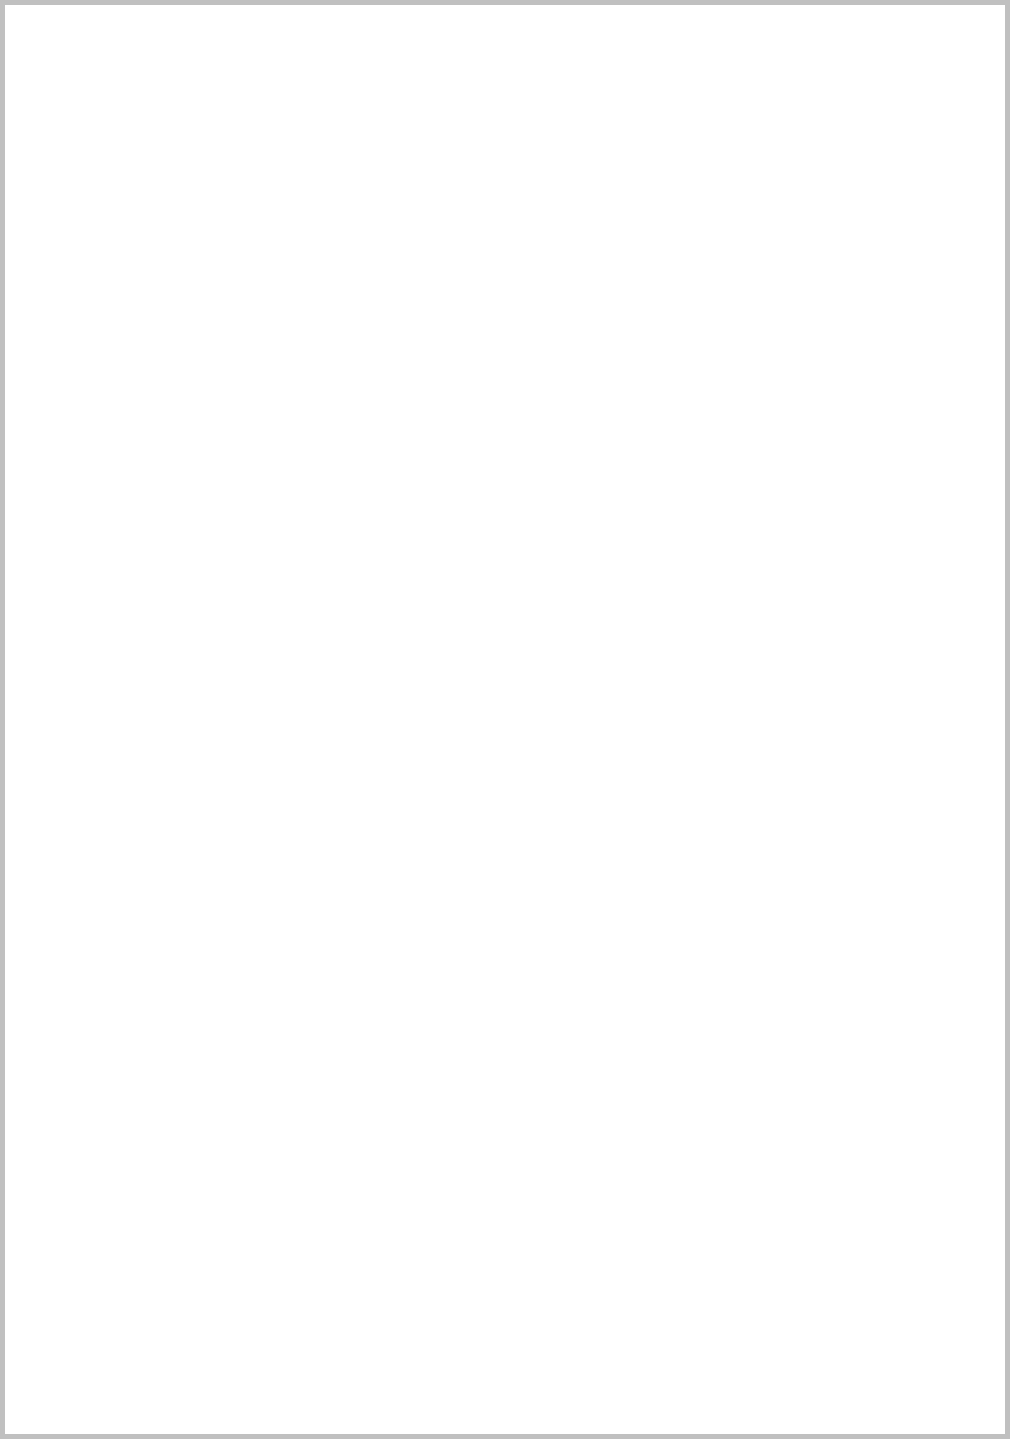 A4 Card 220gsm White